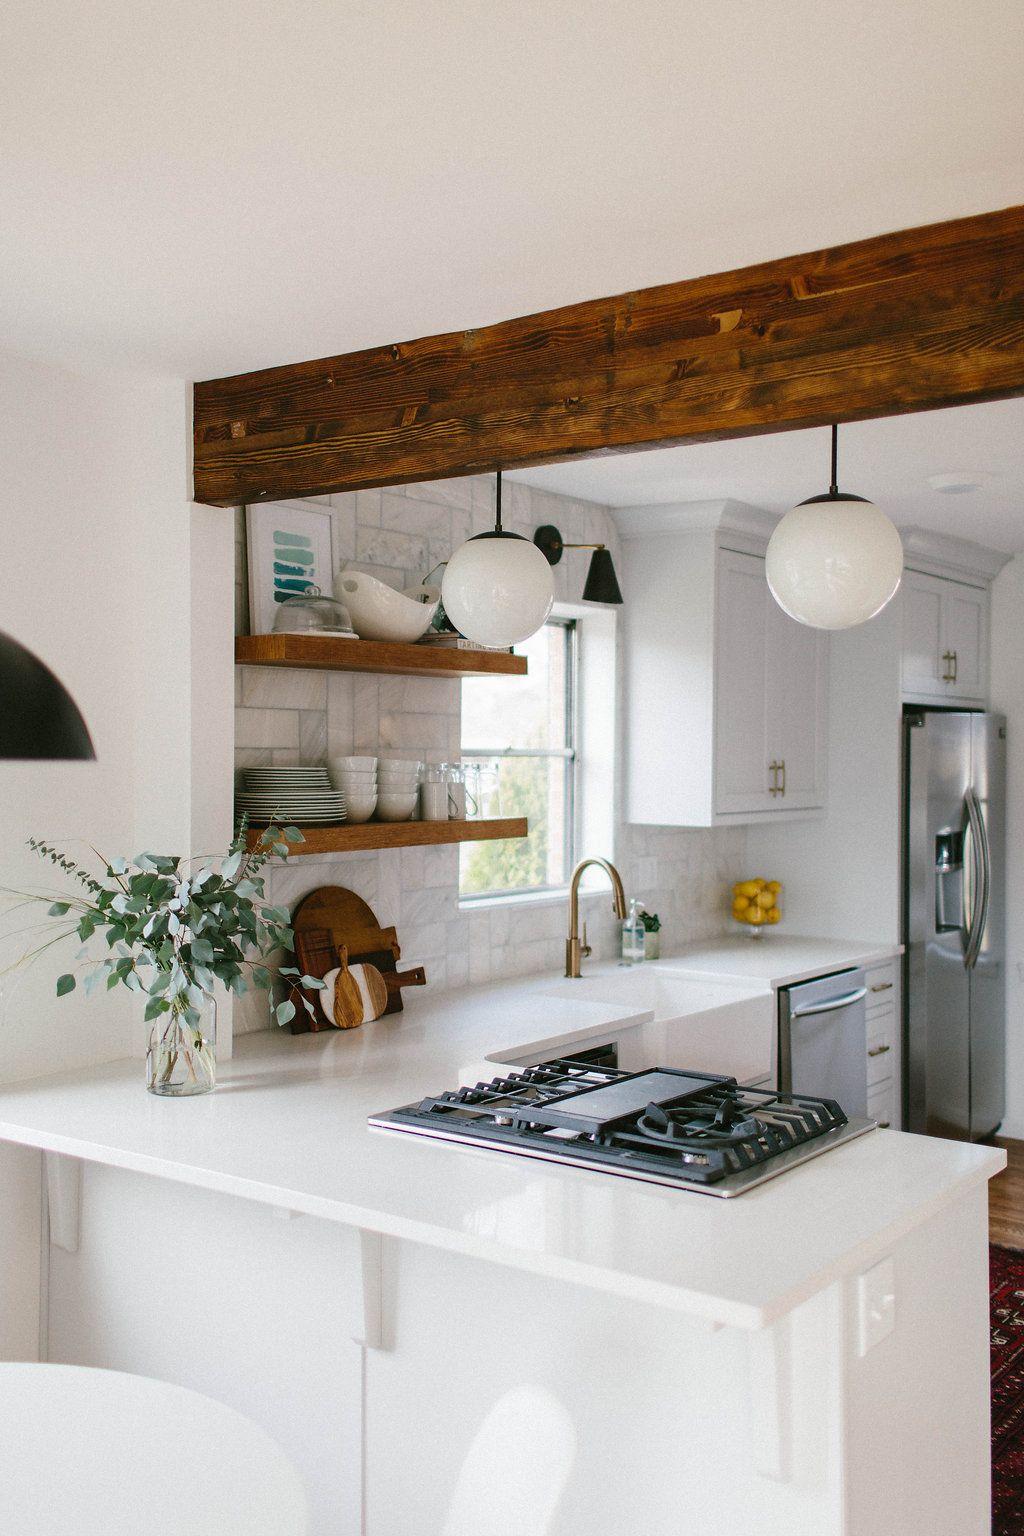 Dise ar cocinas con encanto y los electrodom sticos 4 - Decoracion de cocinas americanas ...